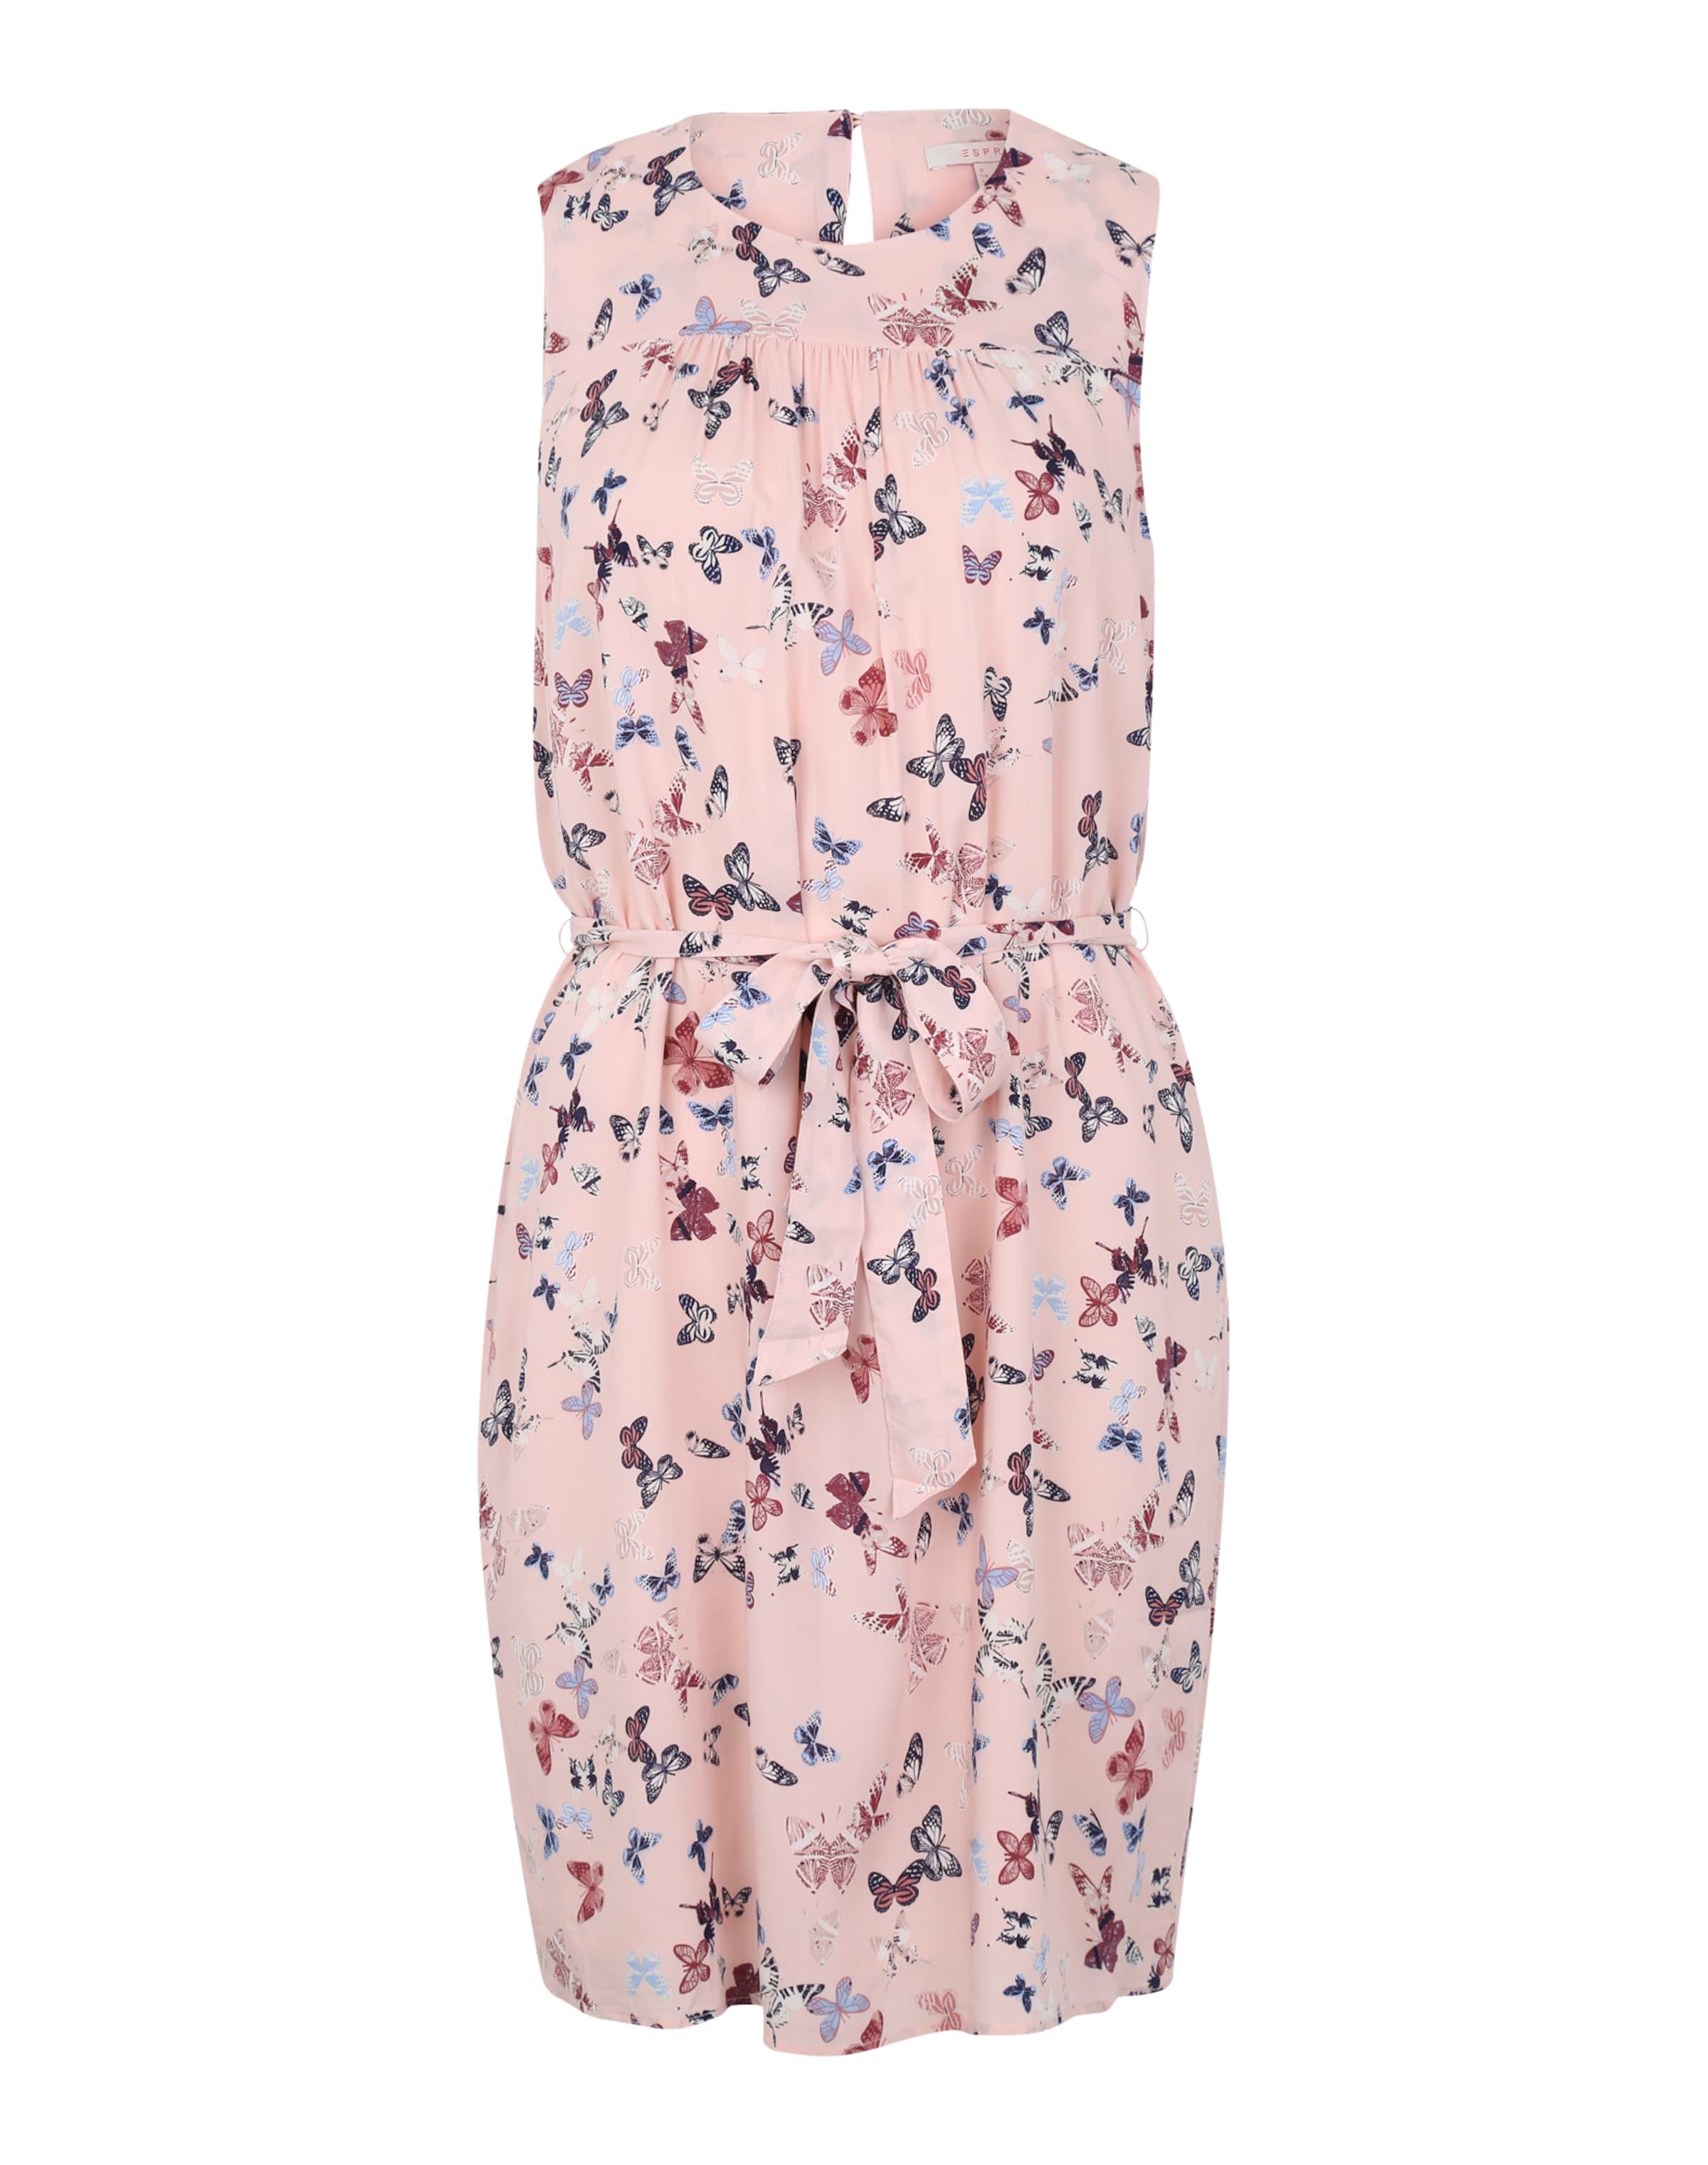 Billig Verkauf Wahl Billig Verkaufen Billig ESPRIT Sommerkleid mit Allover-Print Ebay Bester Speicher Billig Online Zu Bekommen WLd1jjEVLy